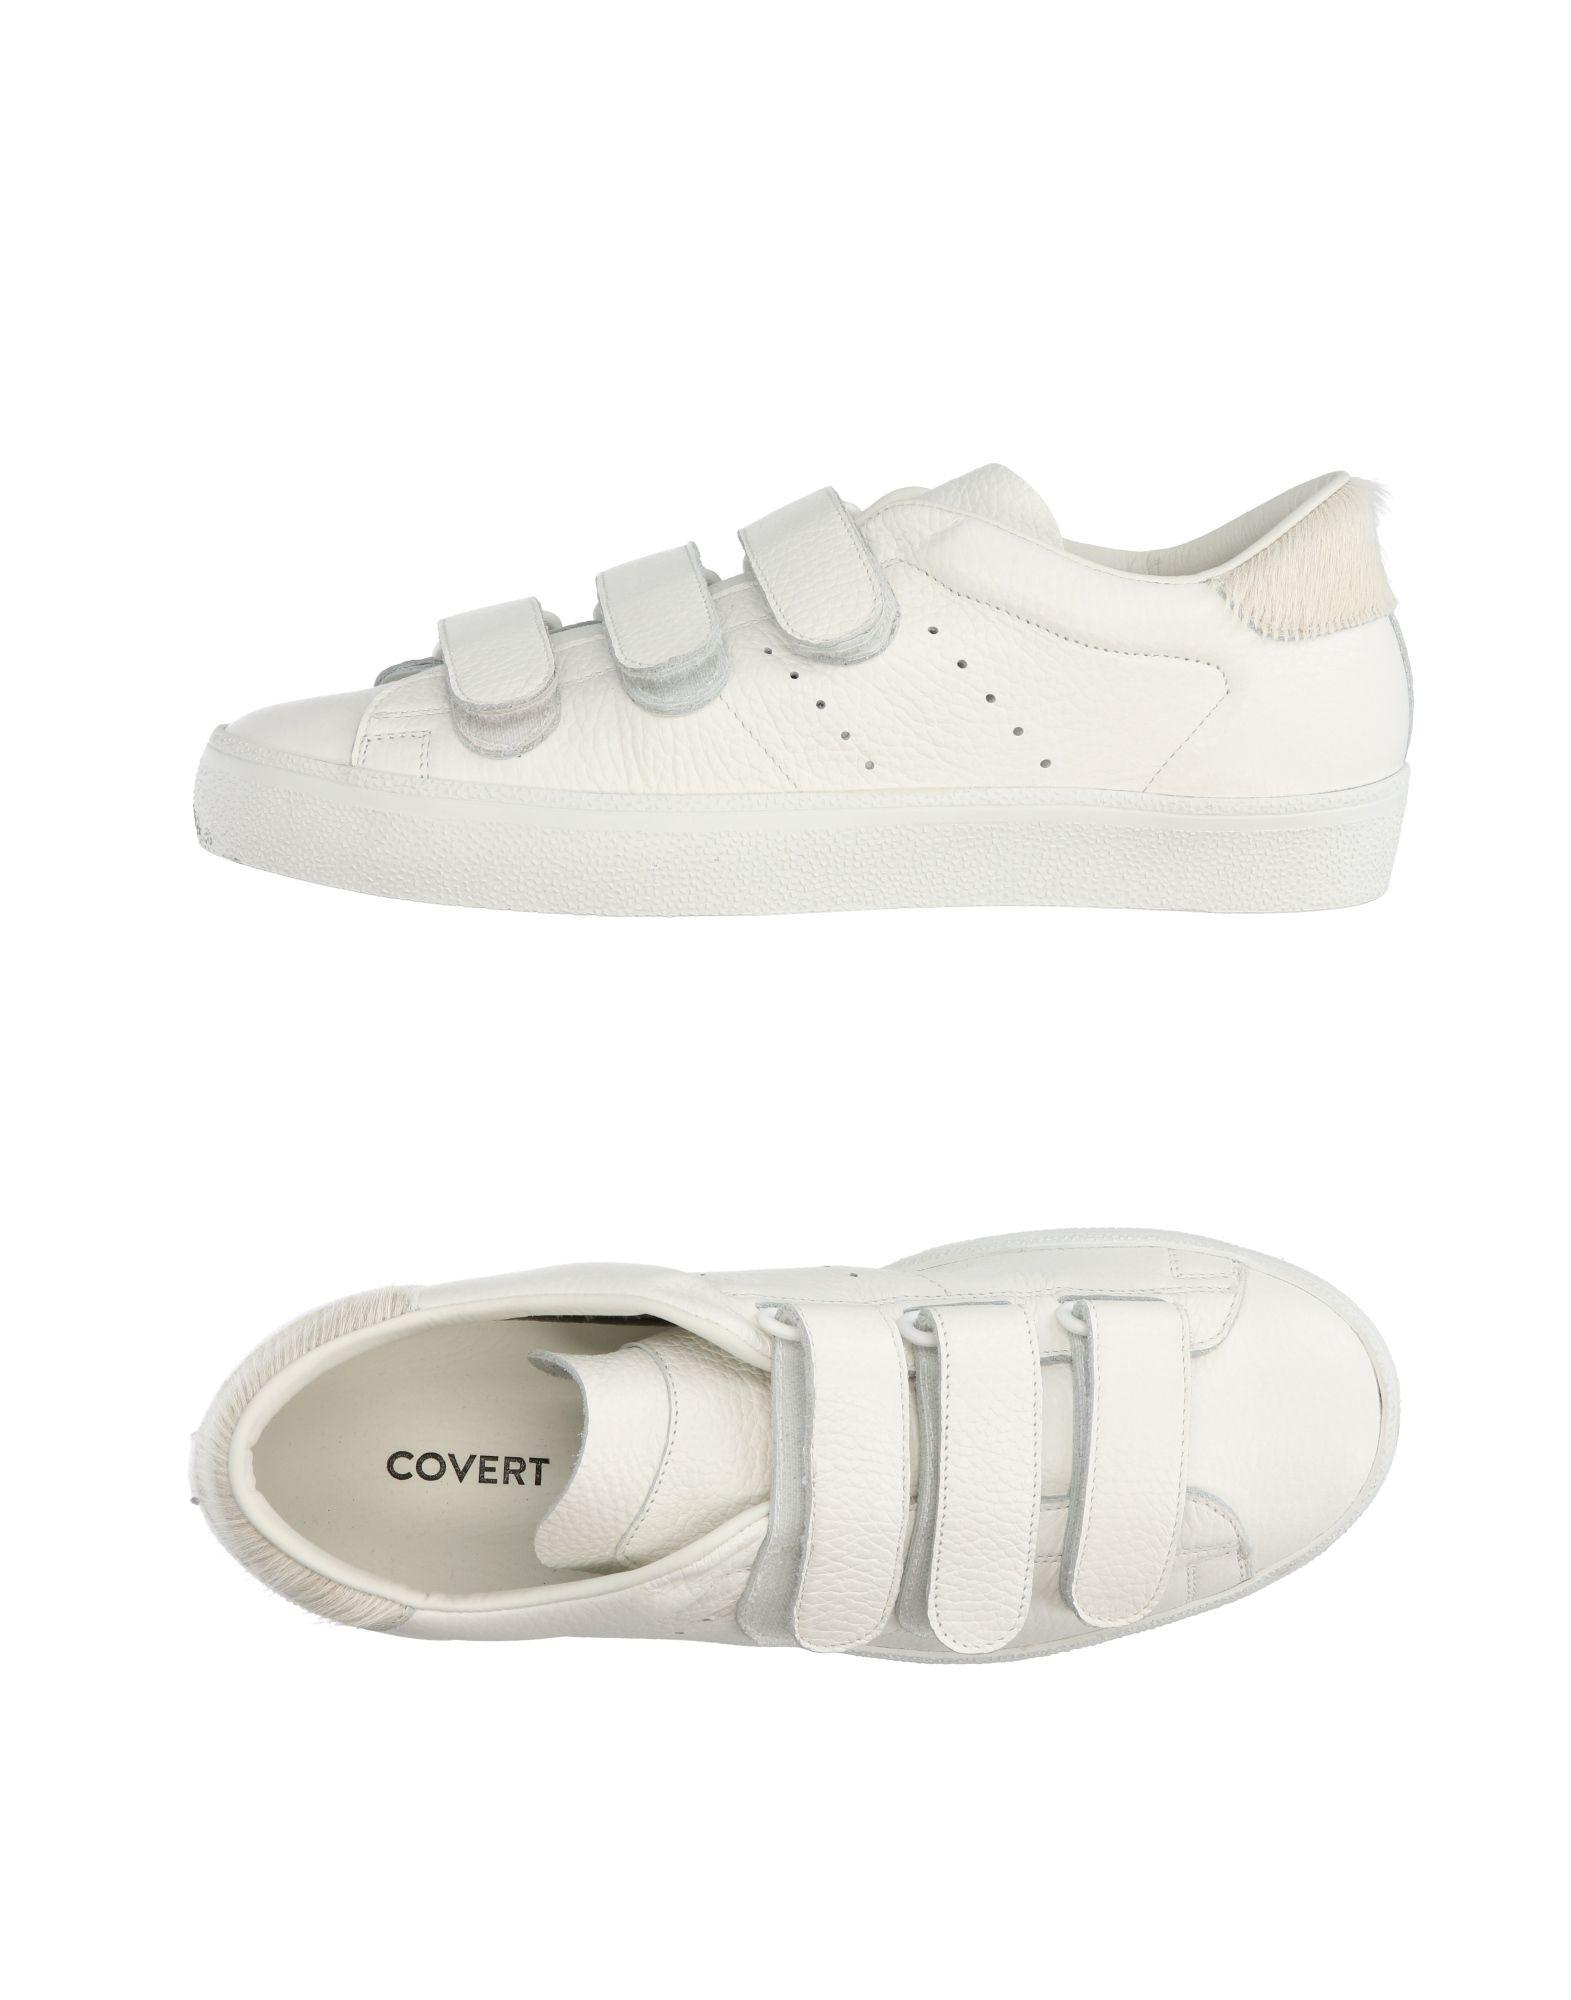 Covert Sneakers Herren  11284950KU Gute Qualität beliebte Schuhe